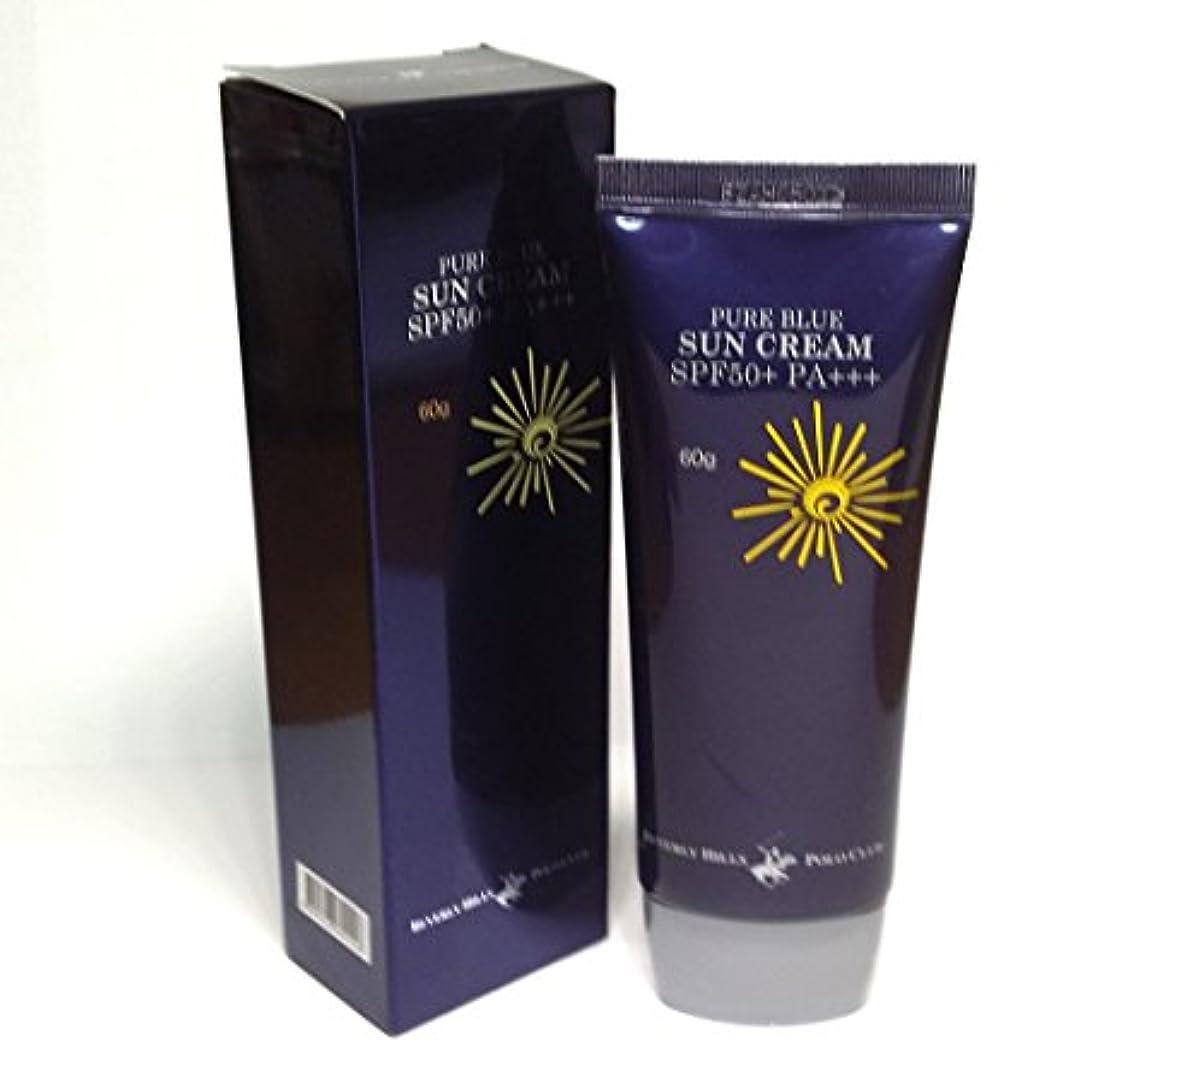 お父さん北西肩をすくめる[BEVERLY HILLS POLO CLUB] ピュアブルーサンクリームSPF50 + PA +++ 60g X 1ea / 韓国化粧品 / Pure Blue Sun Cream SPF50+ PA+++ 60g...